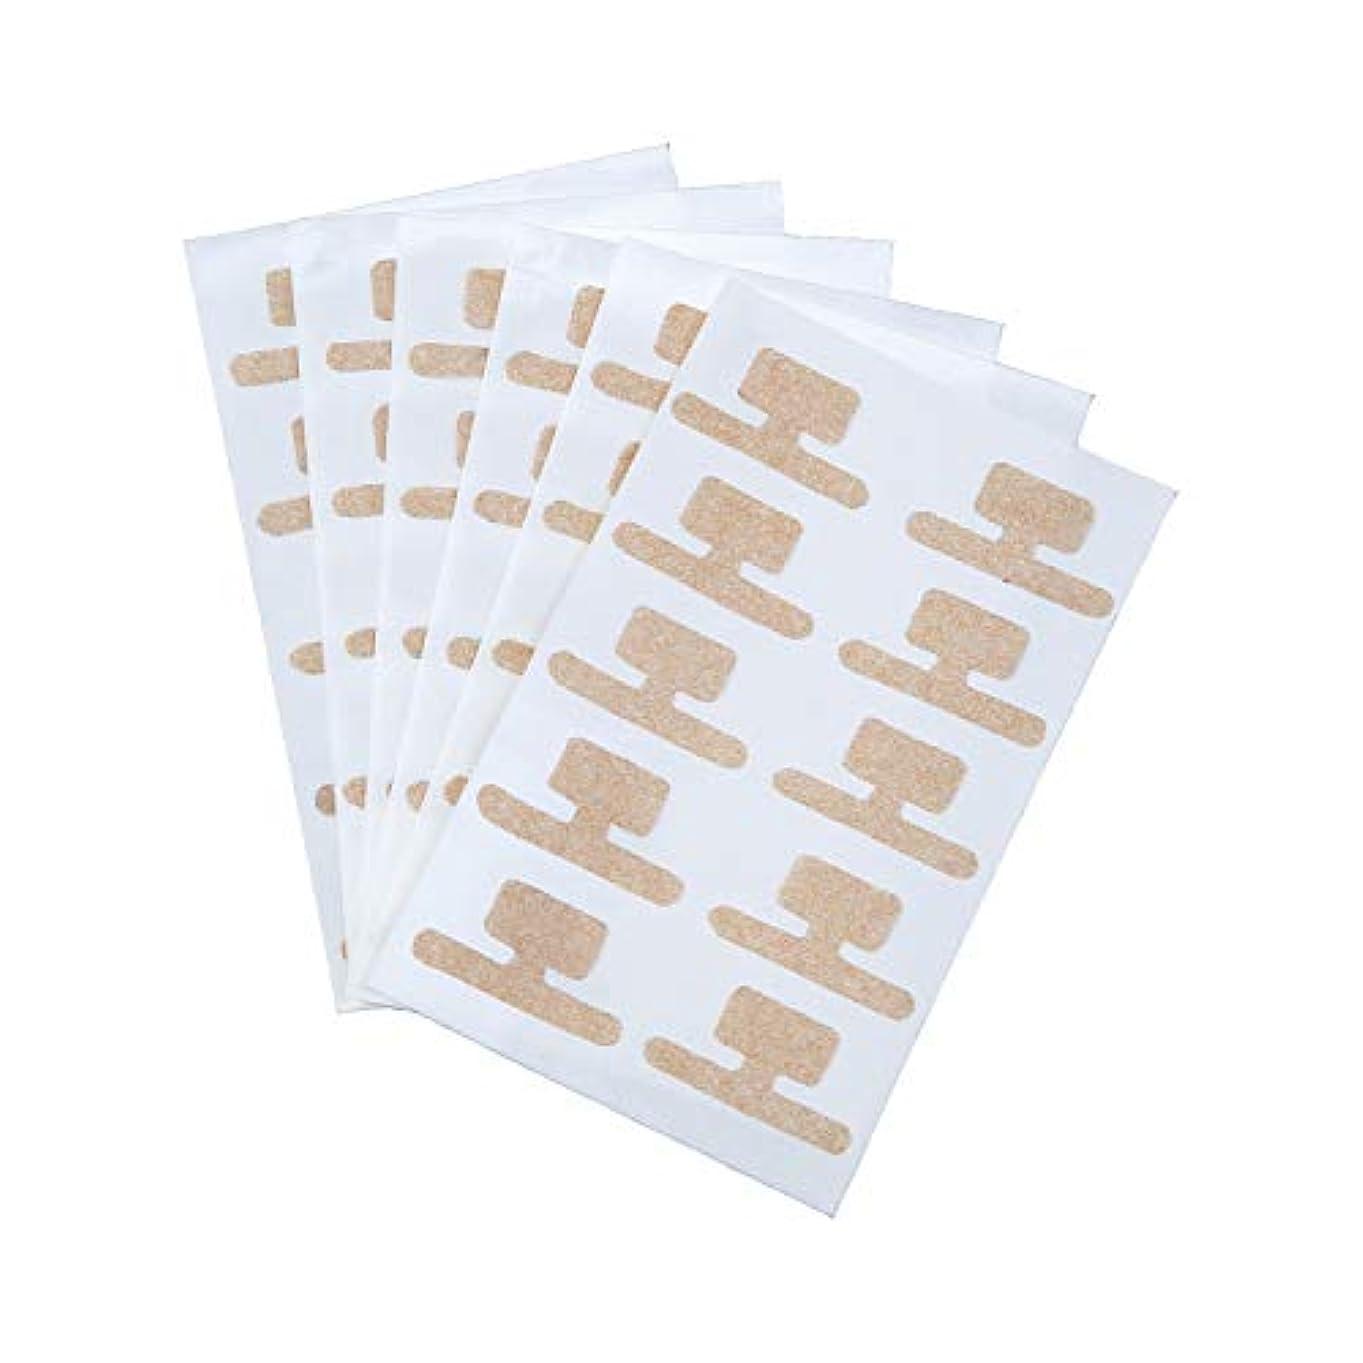 ラジウム雲モトリー巻き爪ダブルケアテープ 60枚入 持ち上げ シール 食い込み 痛み サポート 貼るだけ 足 フットケア